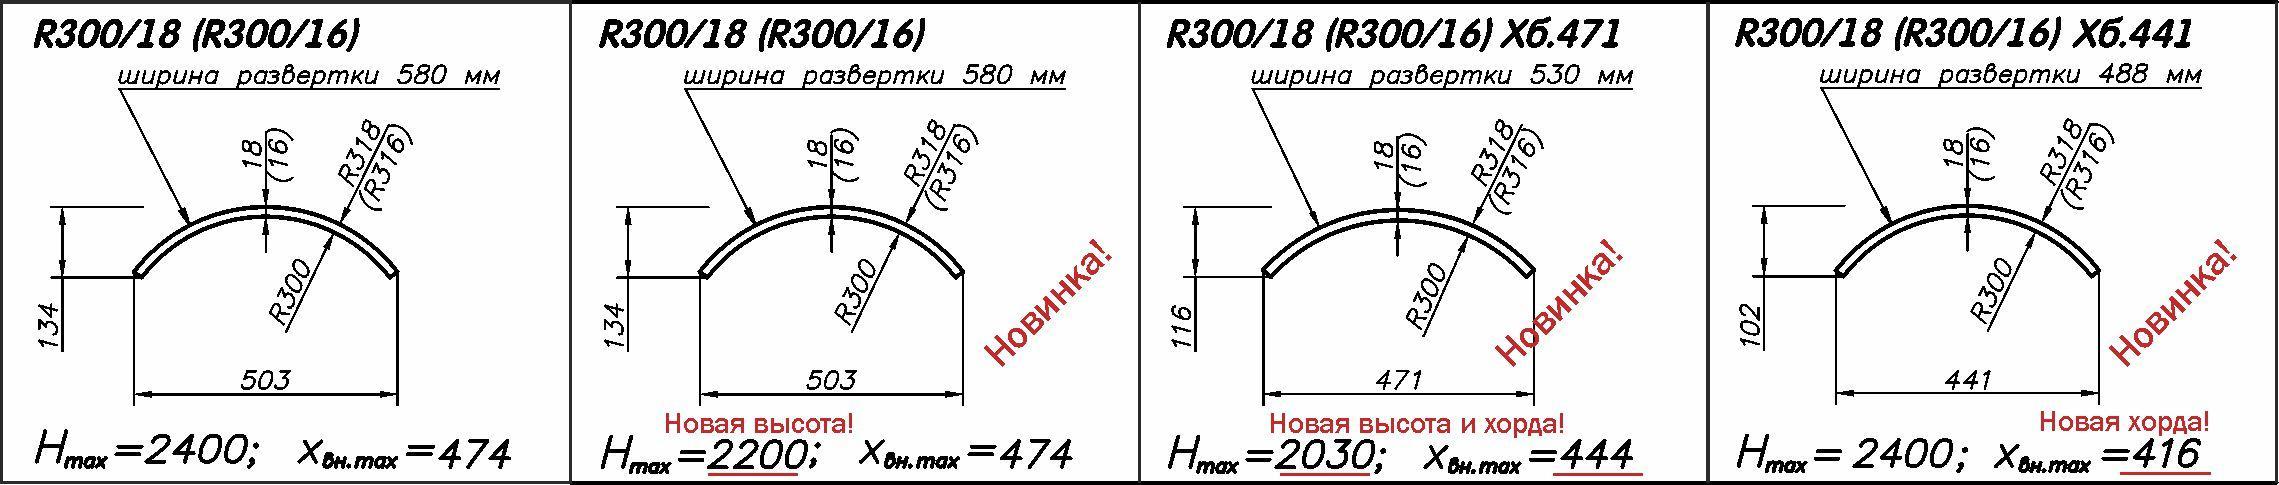 Радиусные панели МДФ R300